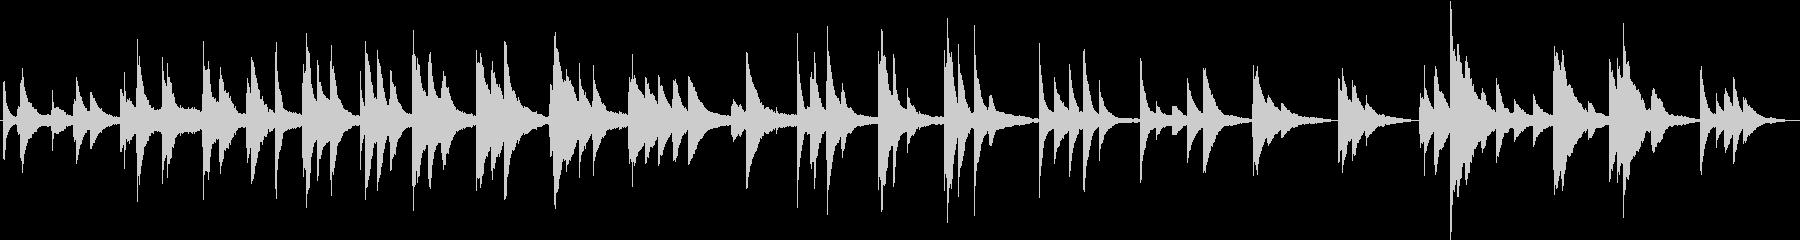 少し暗い印象のピアノ曲の未再生の波形